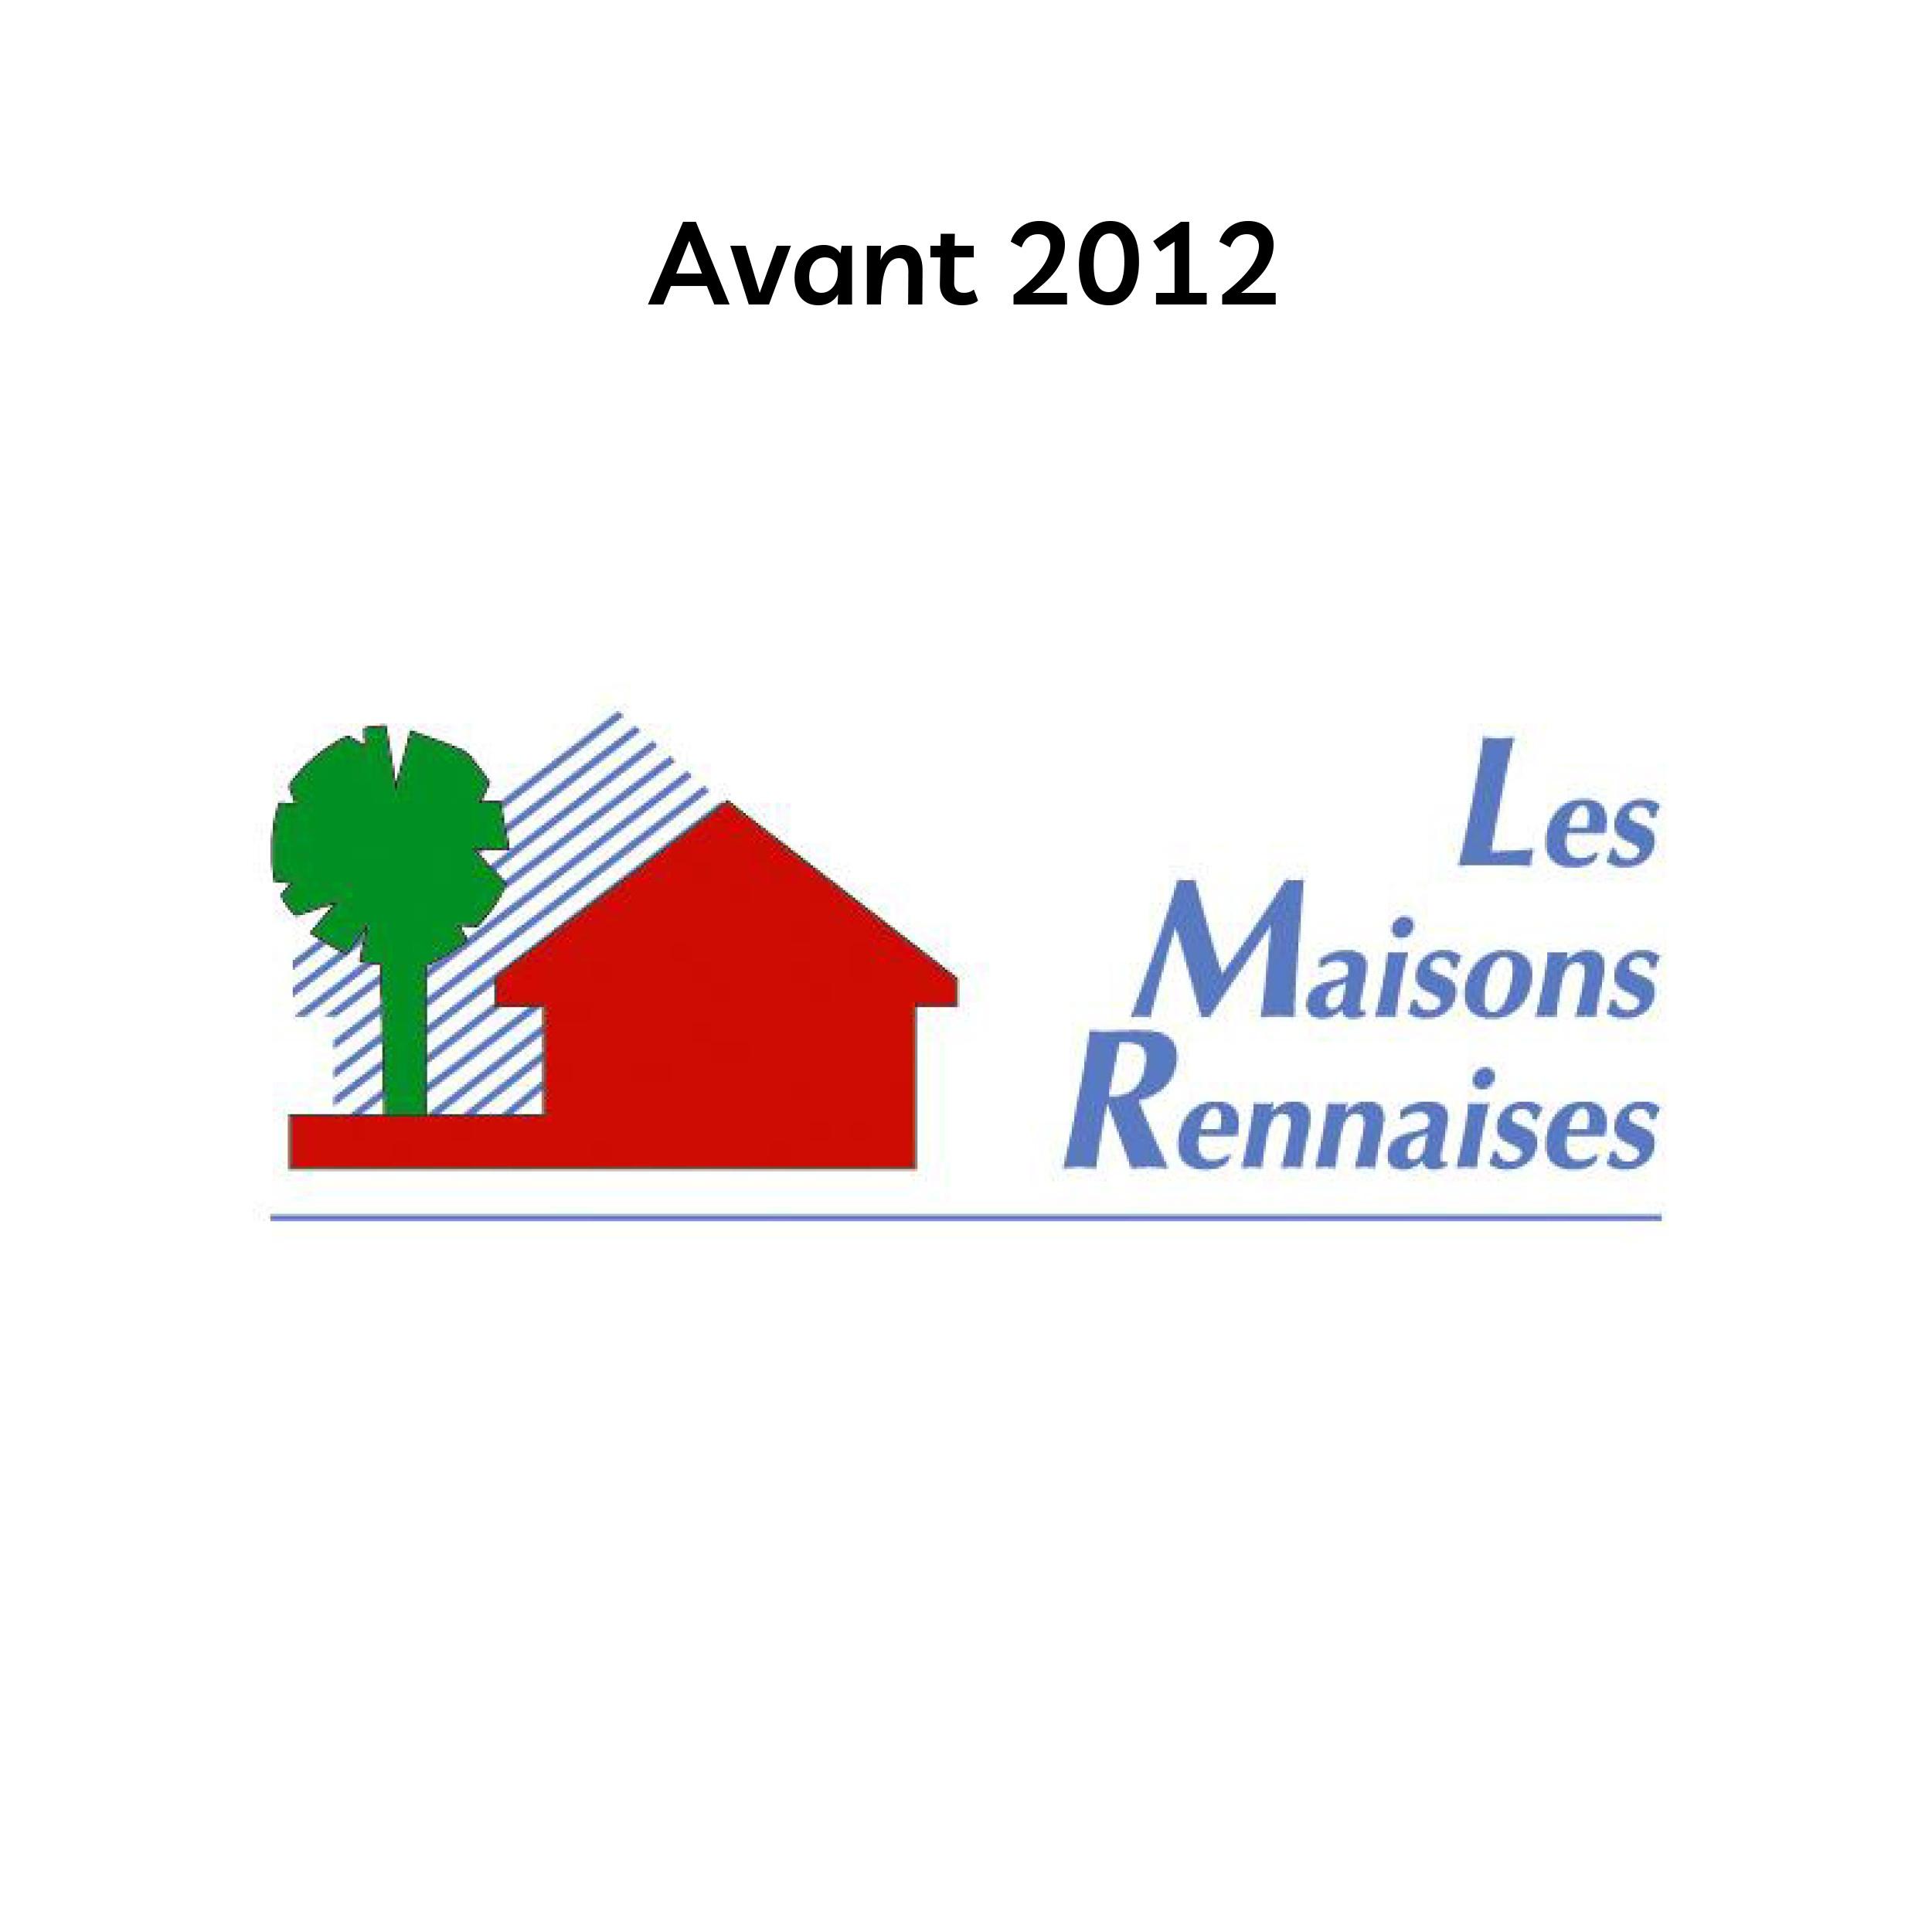 Logo des Maisons Rennaises avant 2012